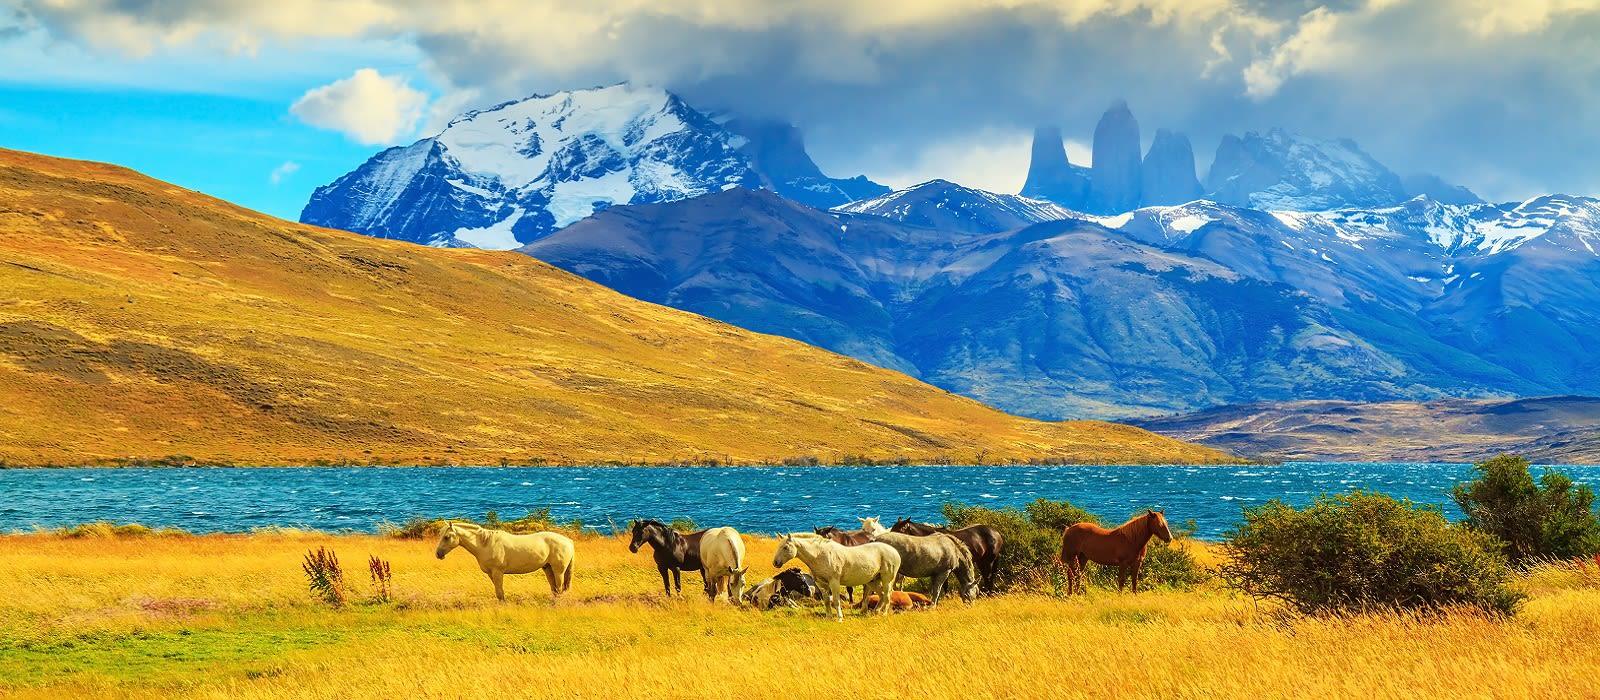 Die unberührte Schönheit Patagoniens & Abstecher in die Antarktis Urlaub 2